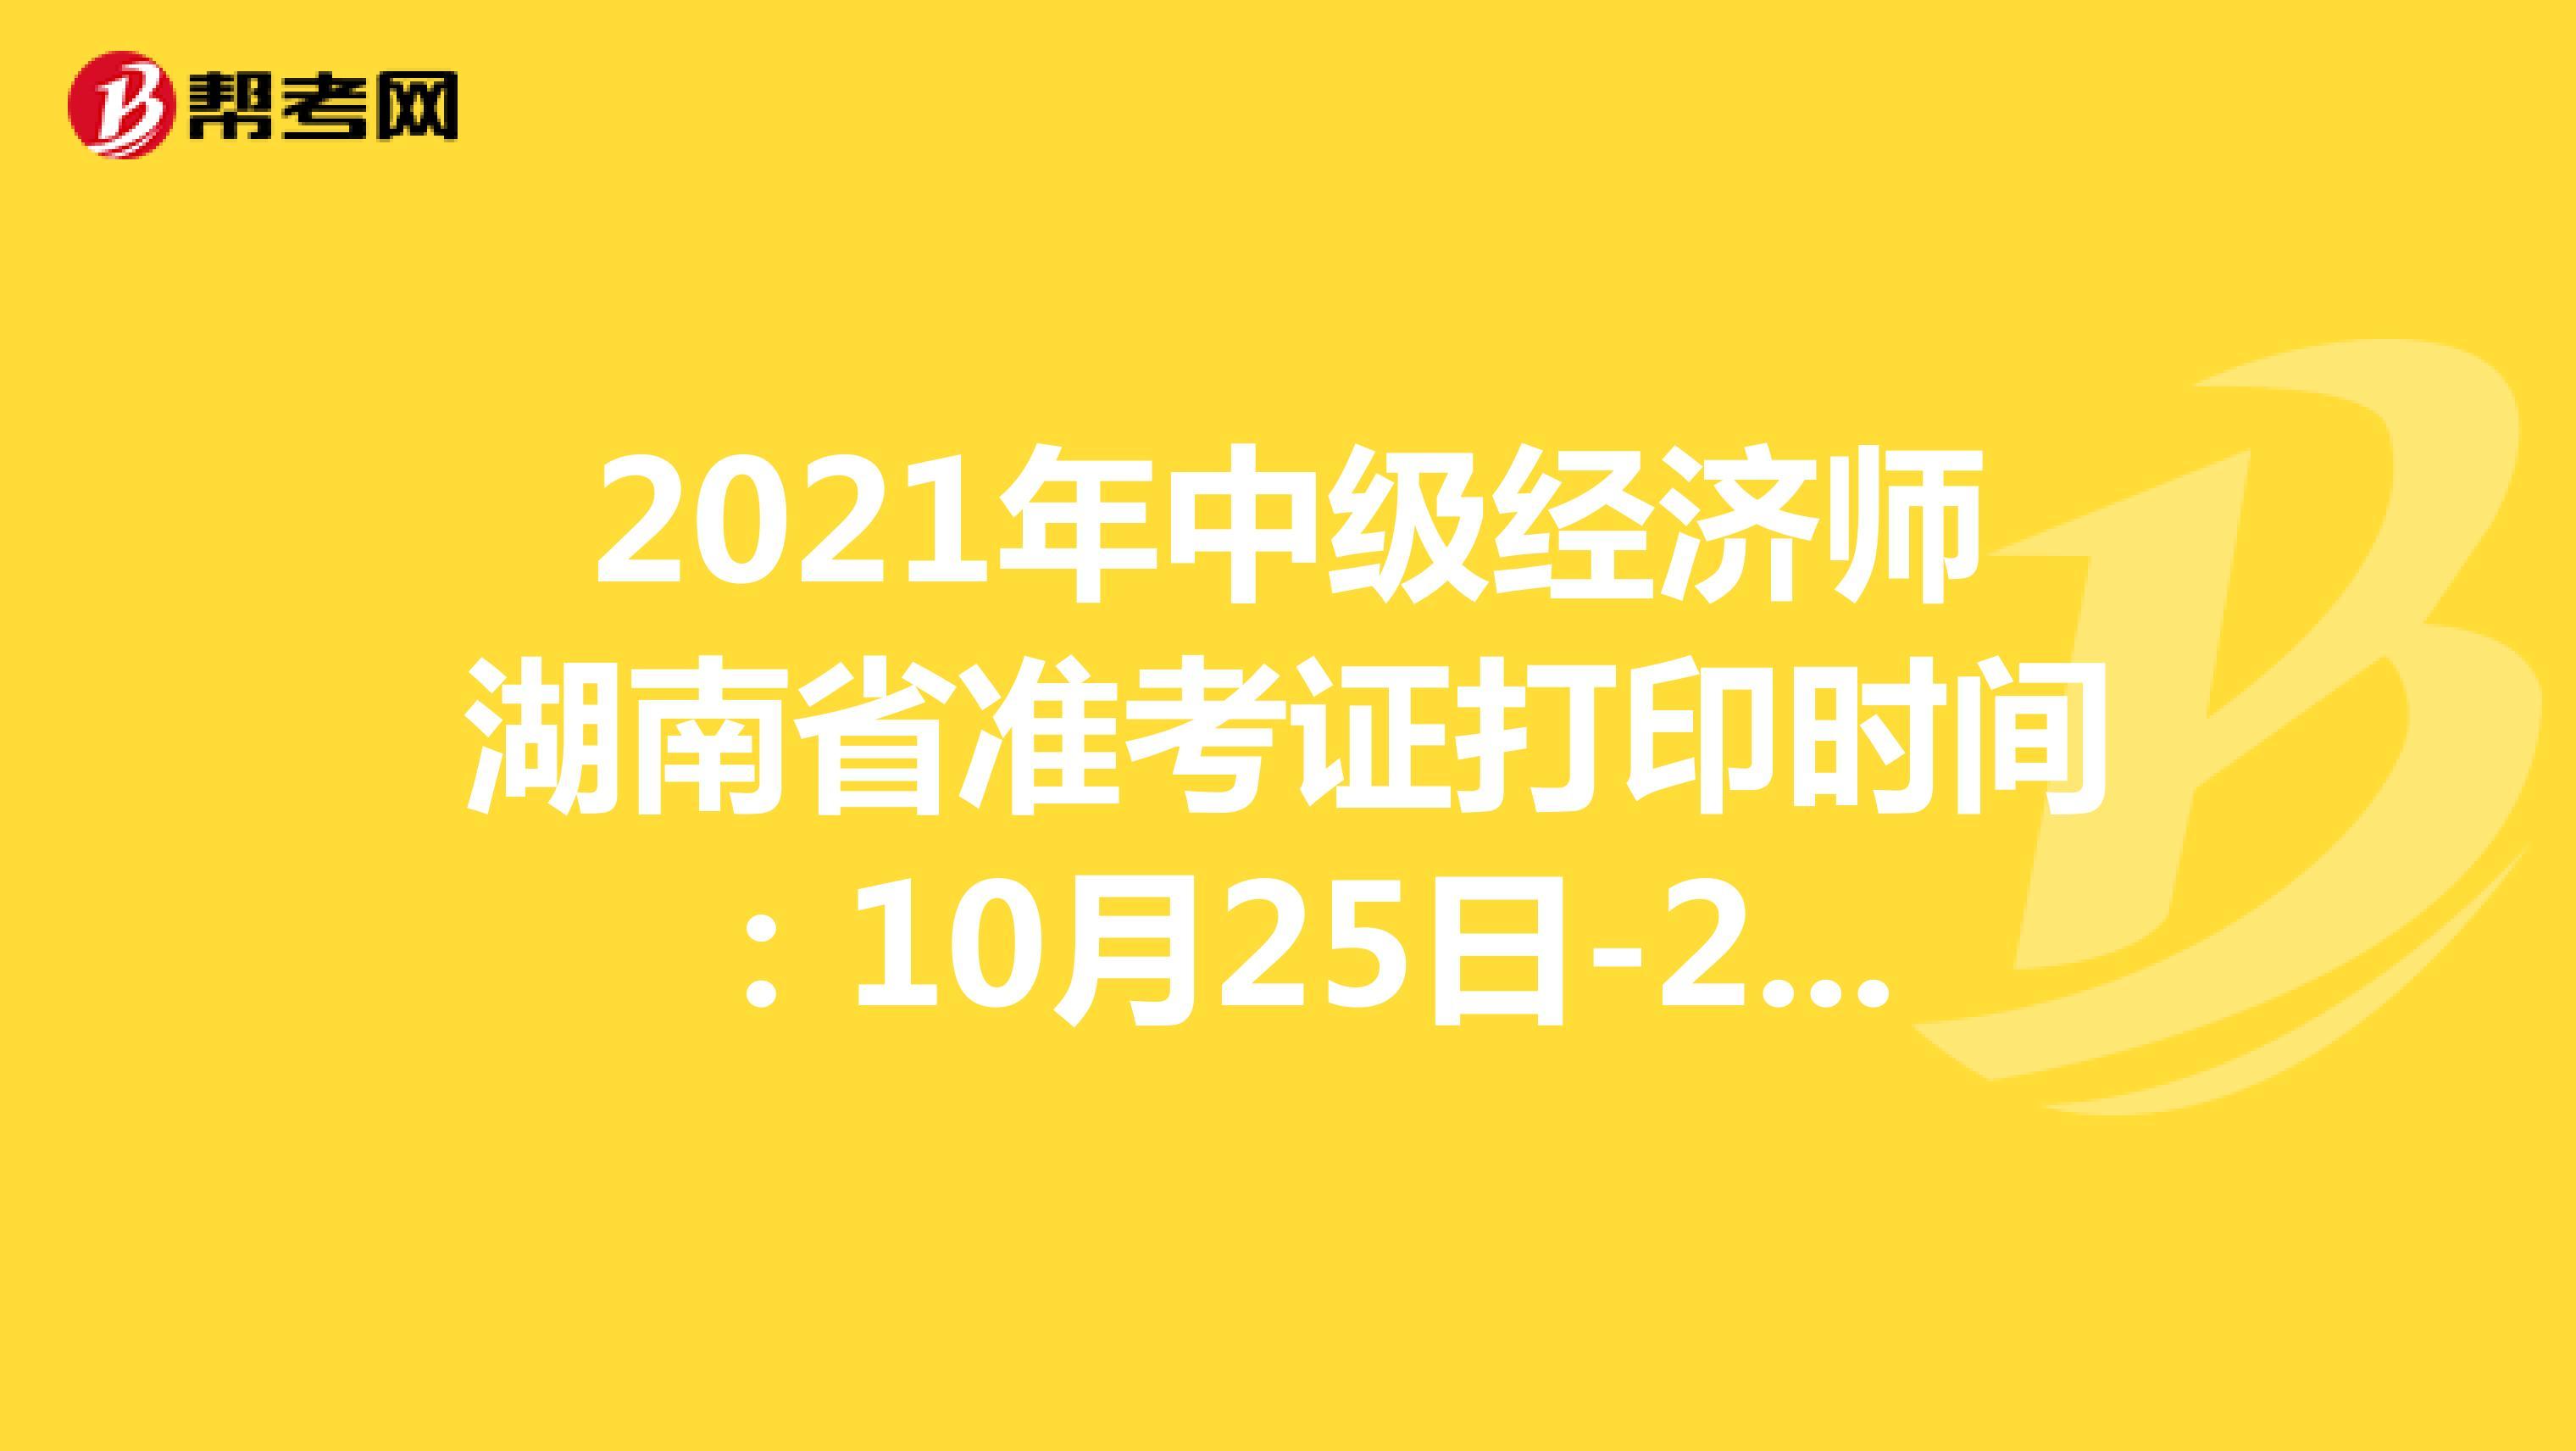 2021年中级经济师湖南省准考证打印时间:10月25日-29日!